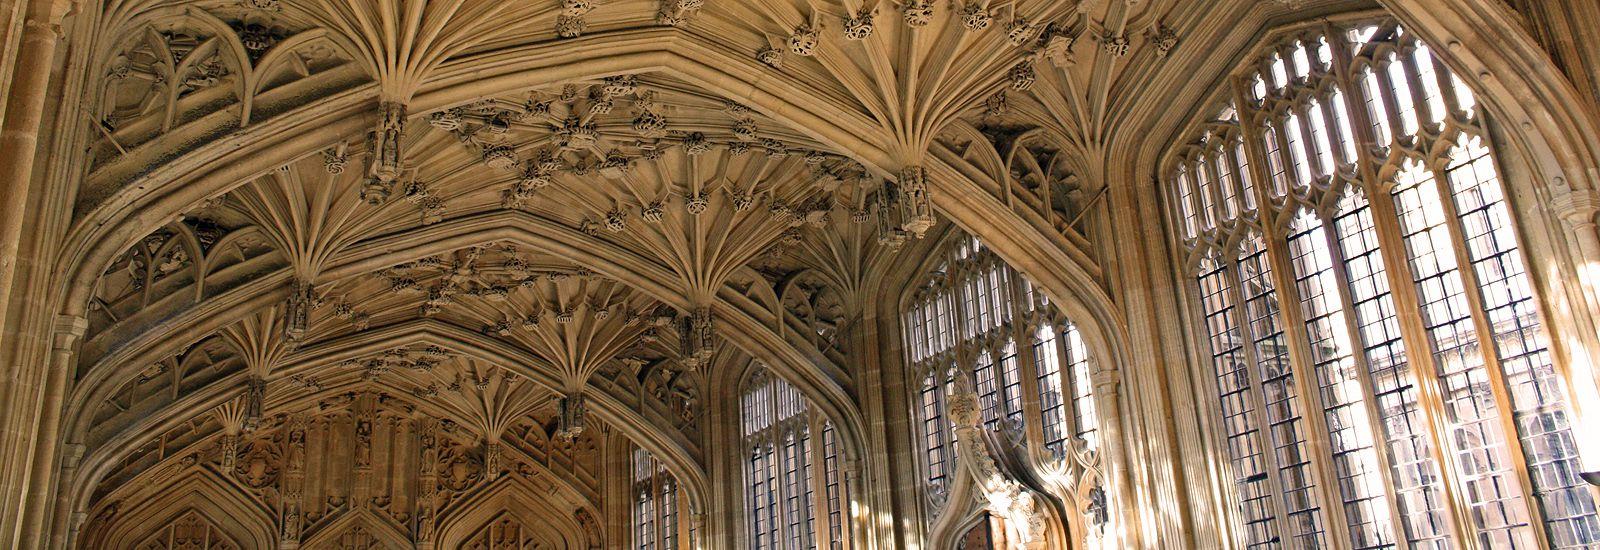 مروری جامع بر تاریخچه معماری جهان